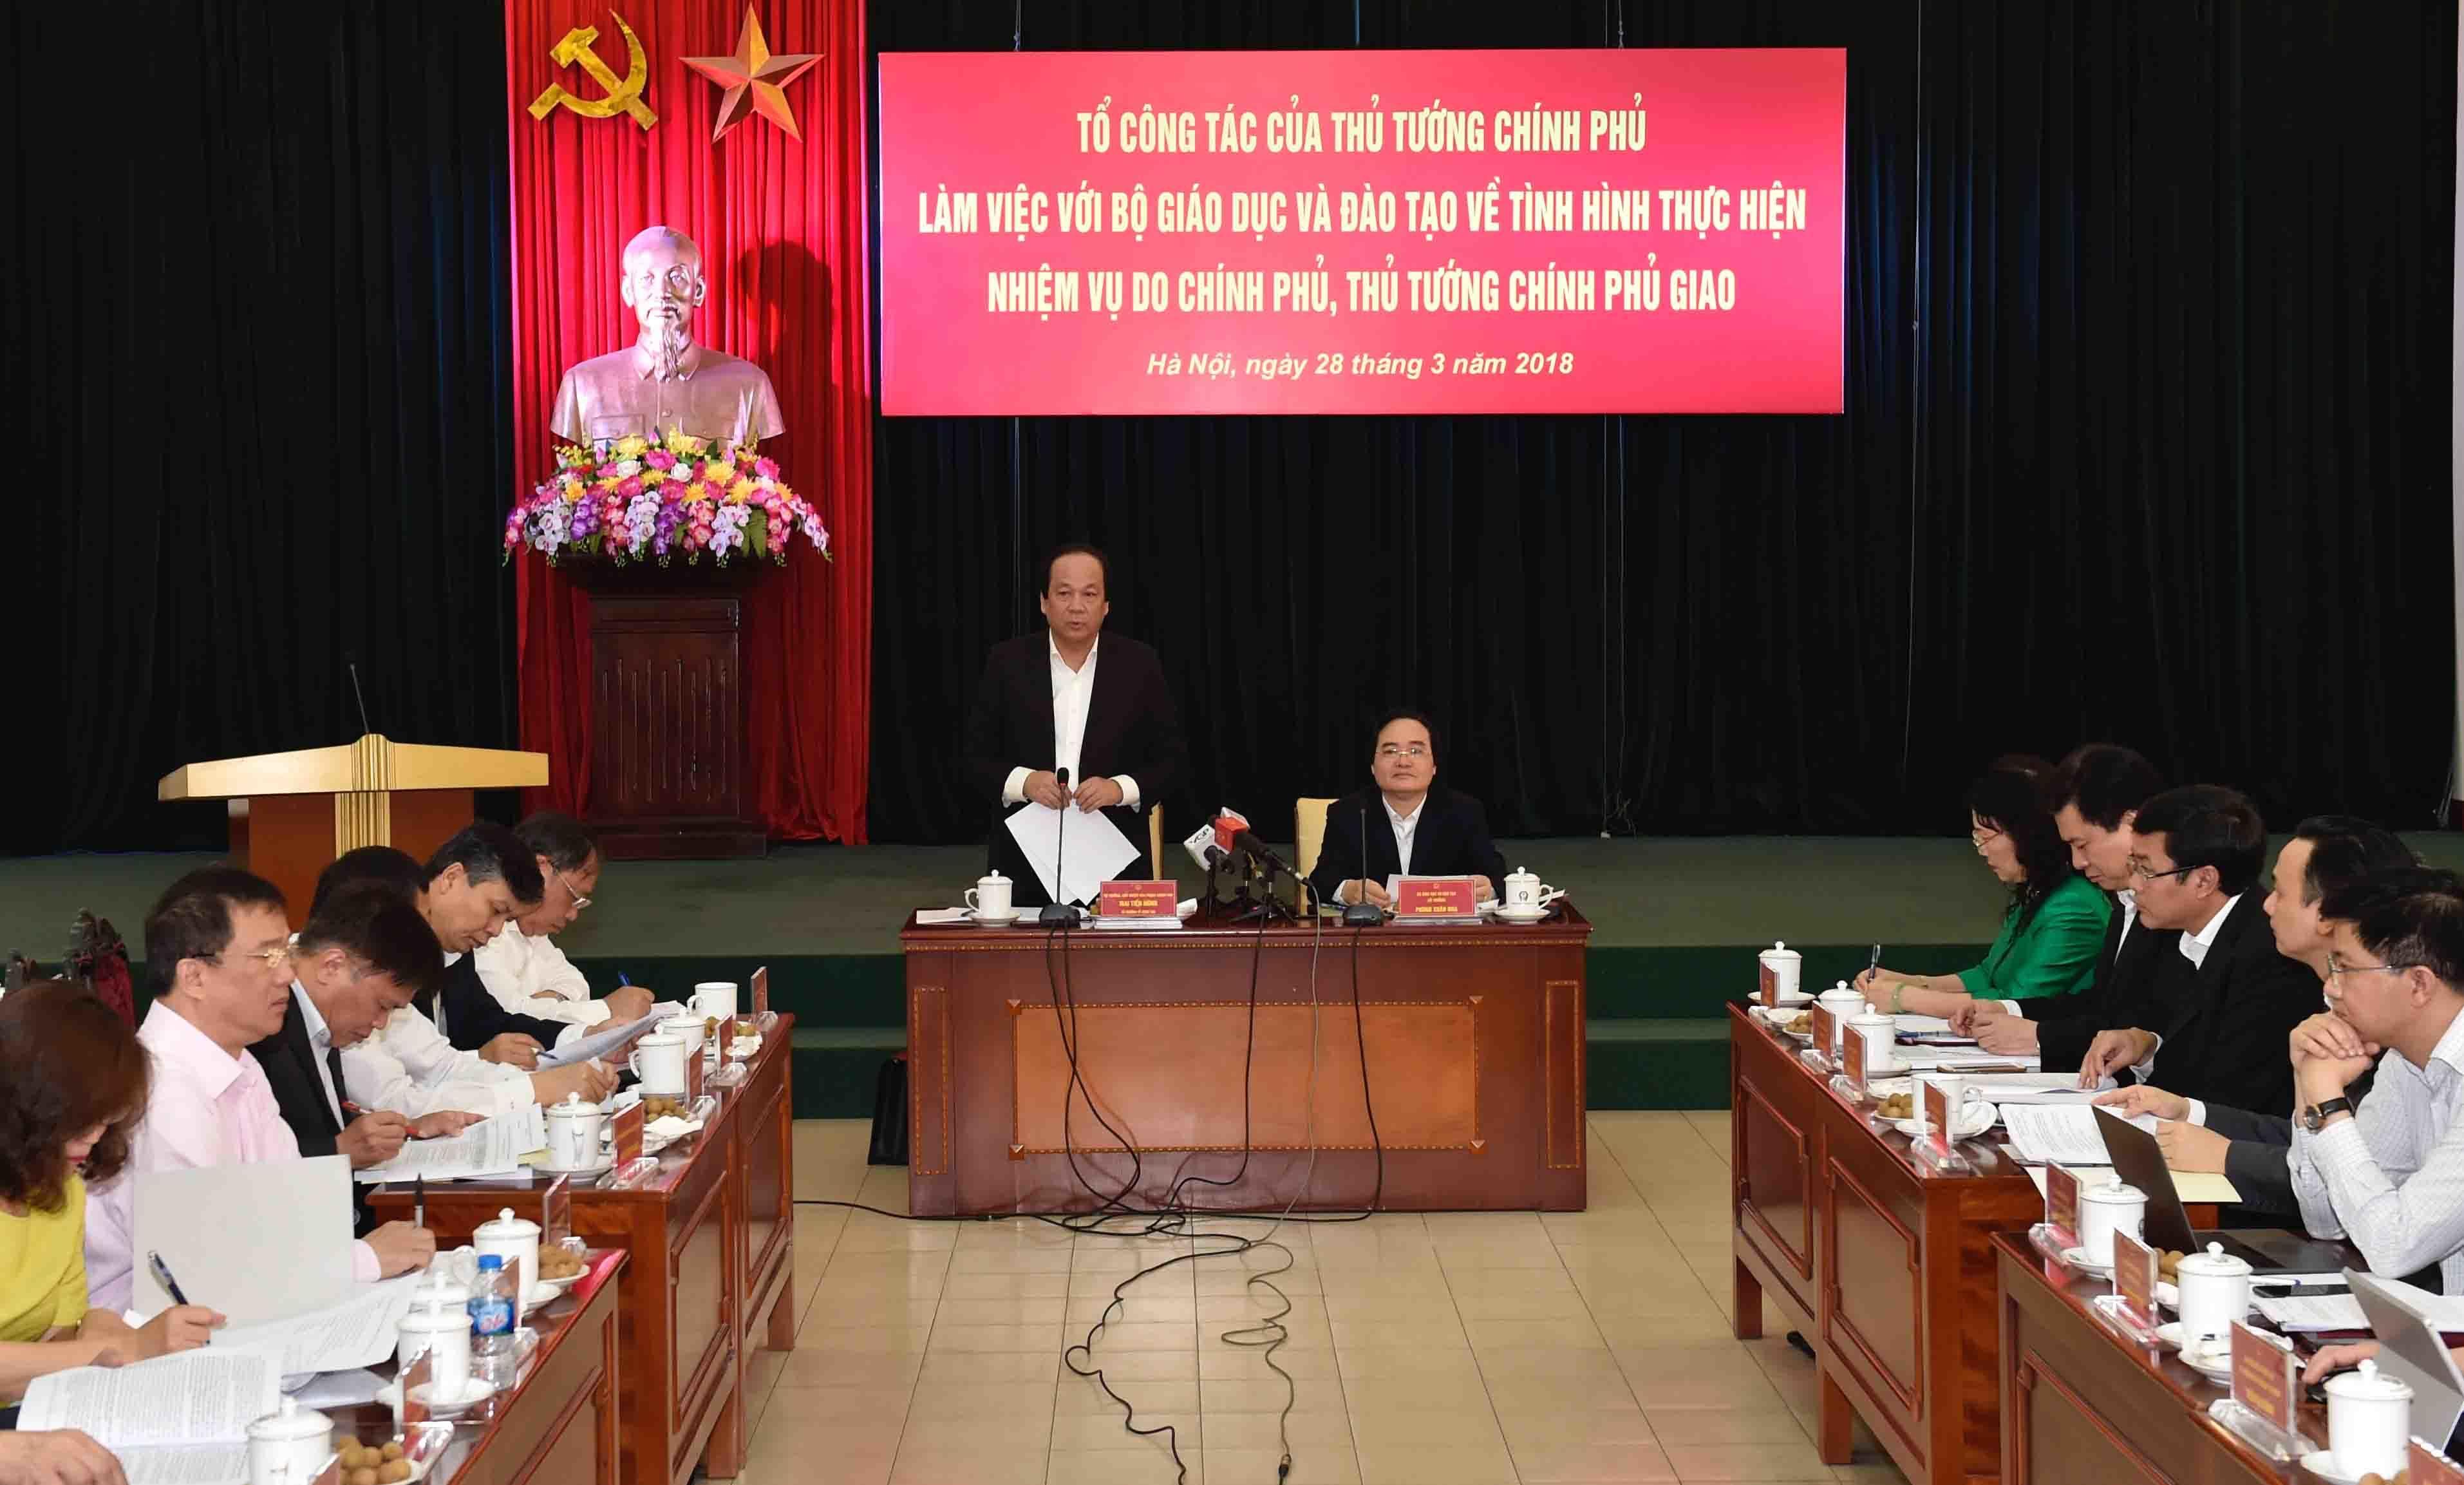 lương giáo viên,Bộ trưởng GD - ĐT,Phùng Xuân Nhạ